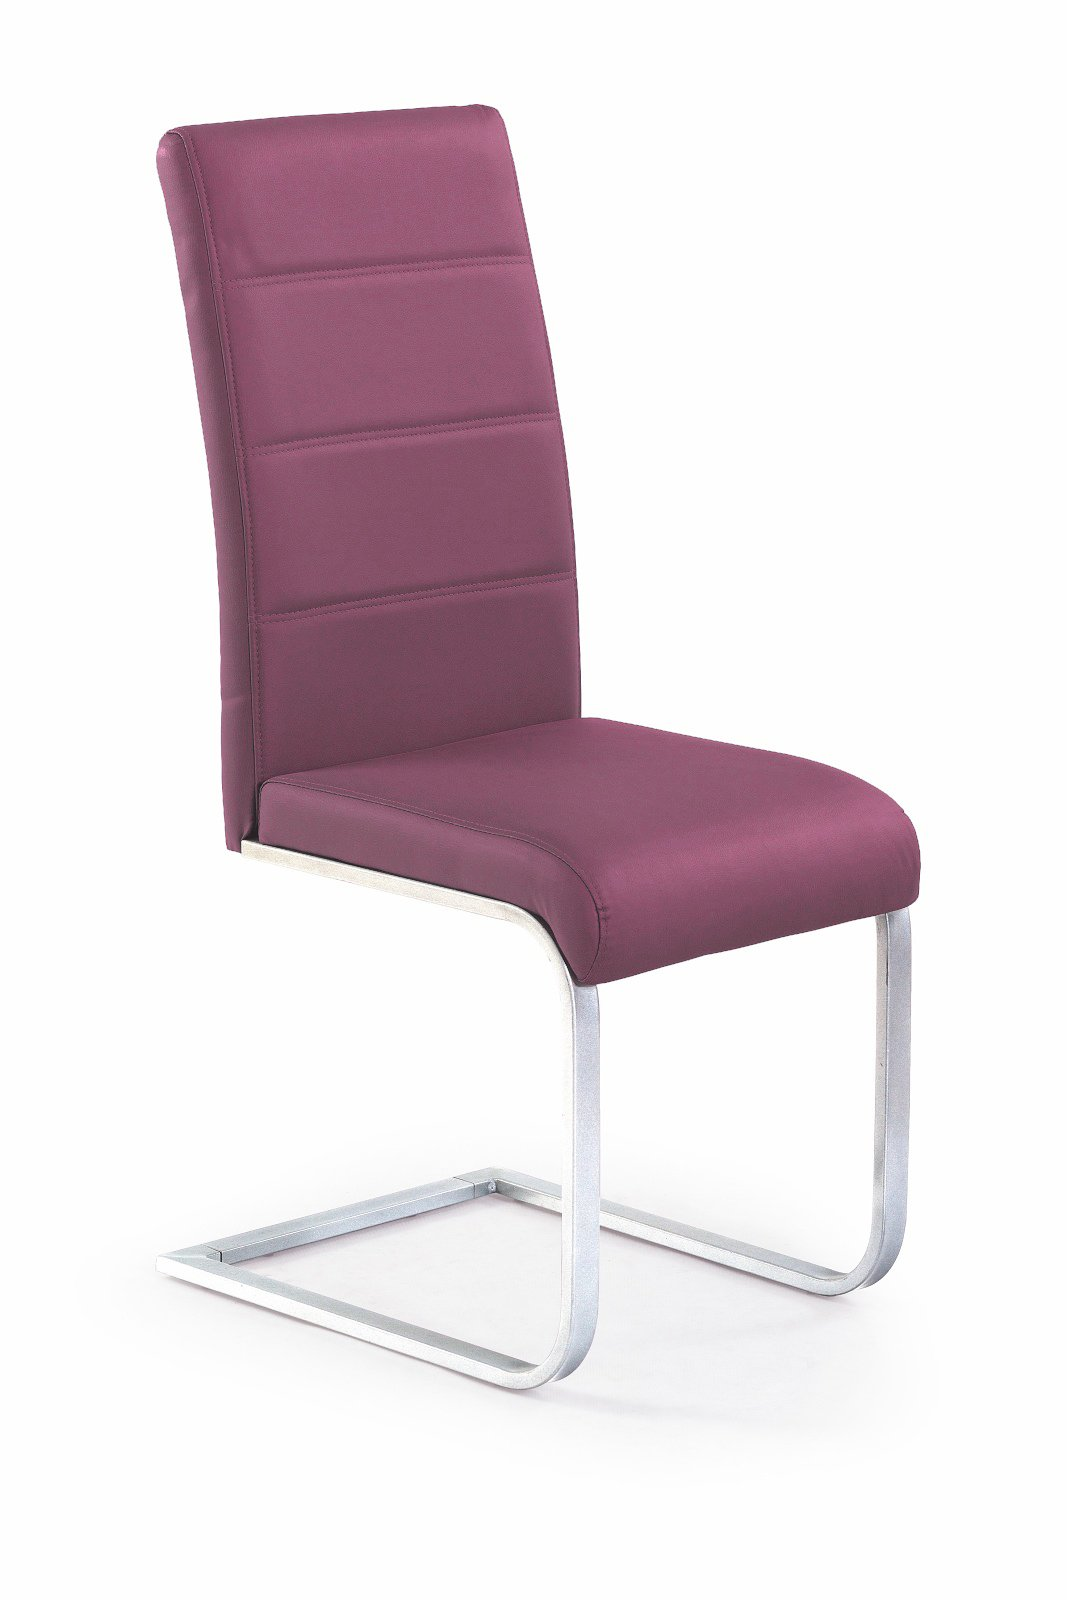 Jídelní židle - Halmar - K85 (fialová)